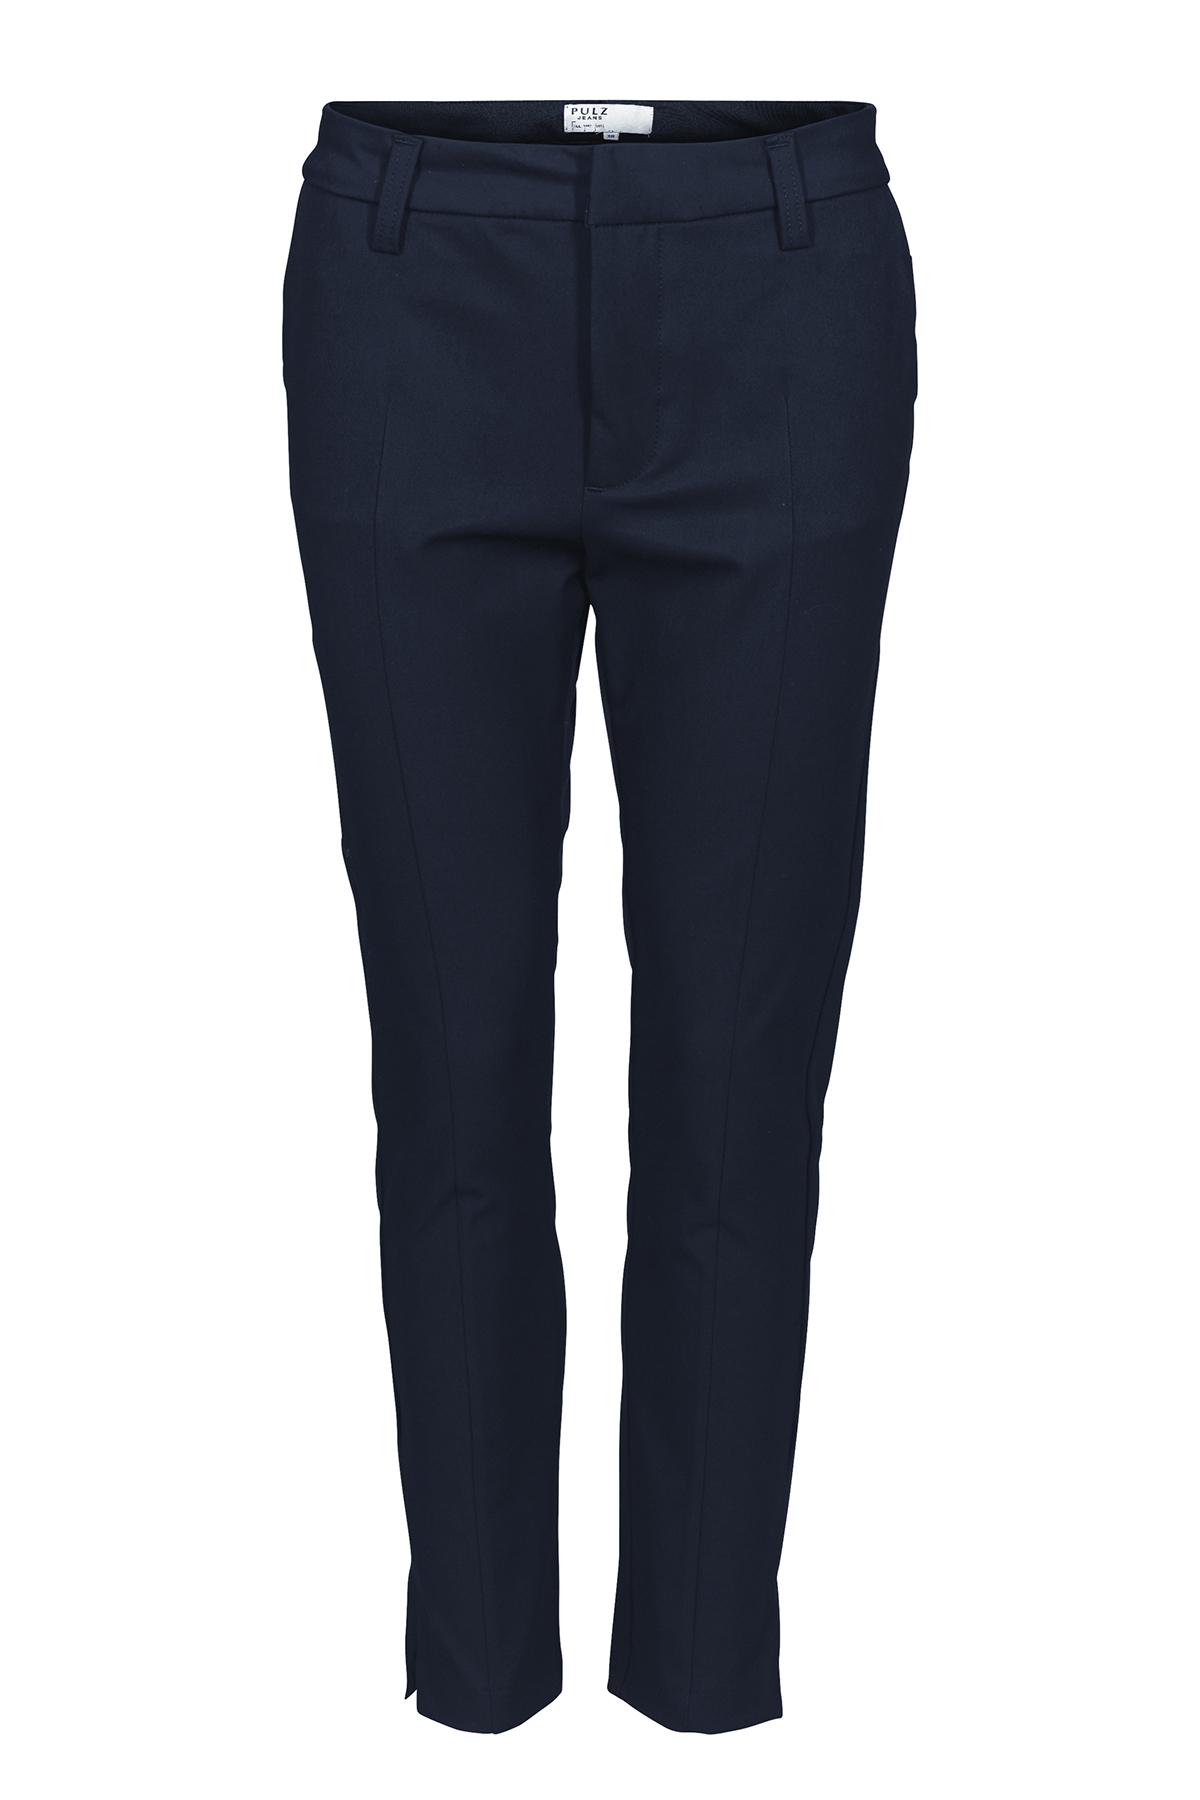 Image of Pulz Jeans Dame Ankelbuks - Mørkeblå